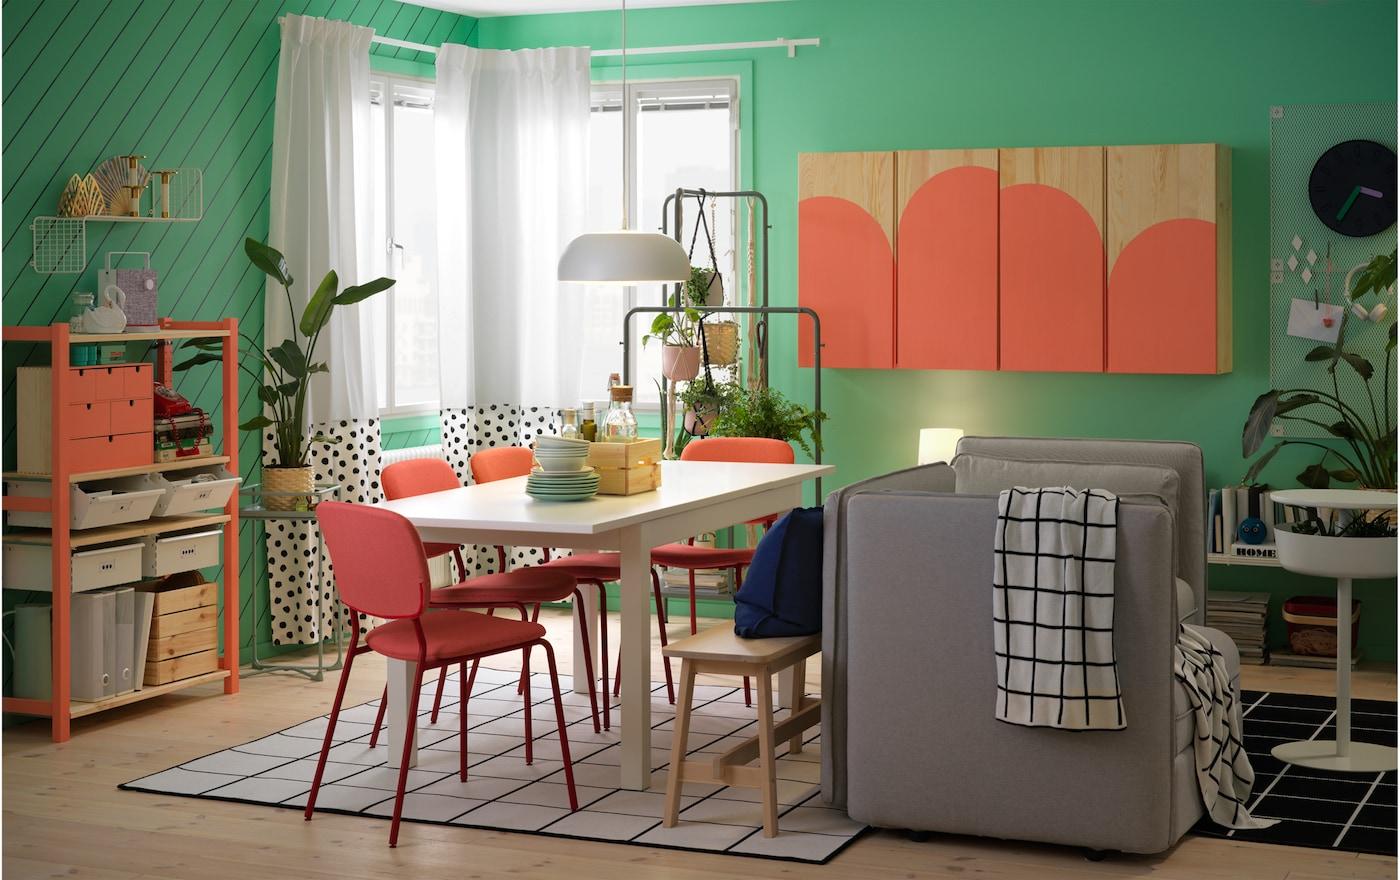 White Wash Eetkamer Tafel.Https Www Ikea Com Be Nl Rooms Bedroom Gallery Een Traditionele